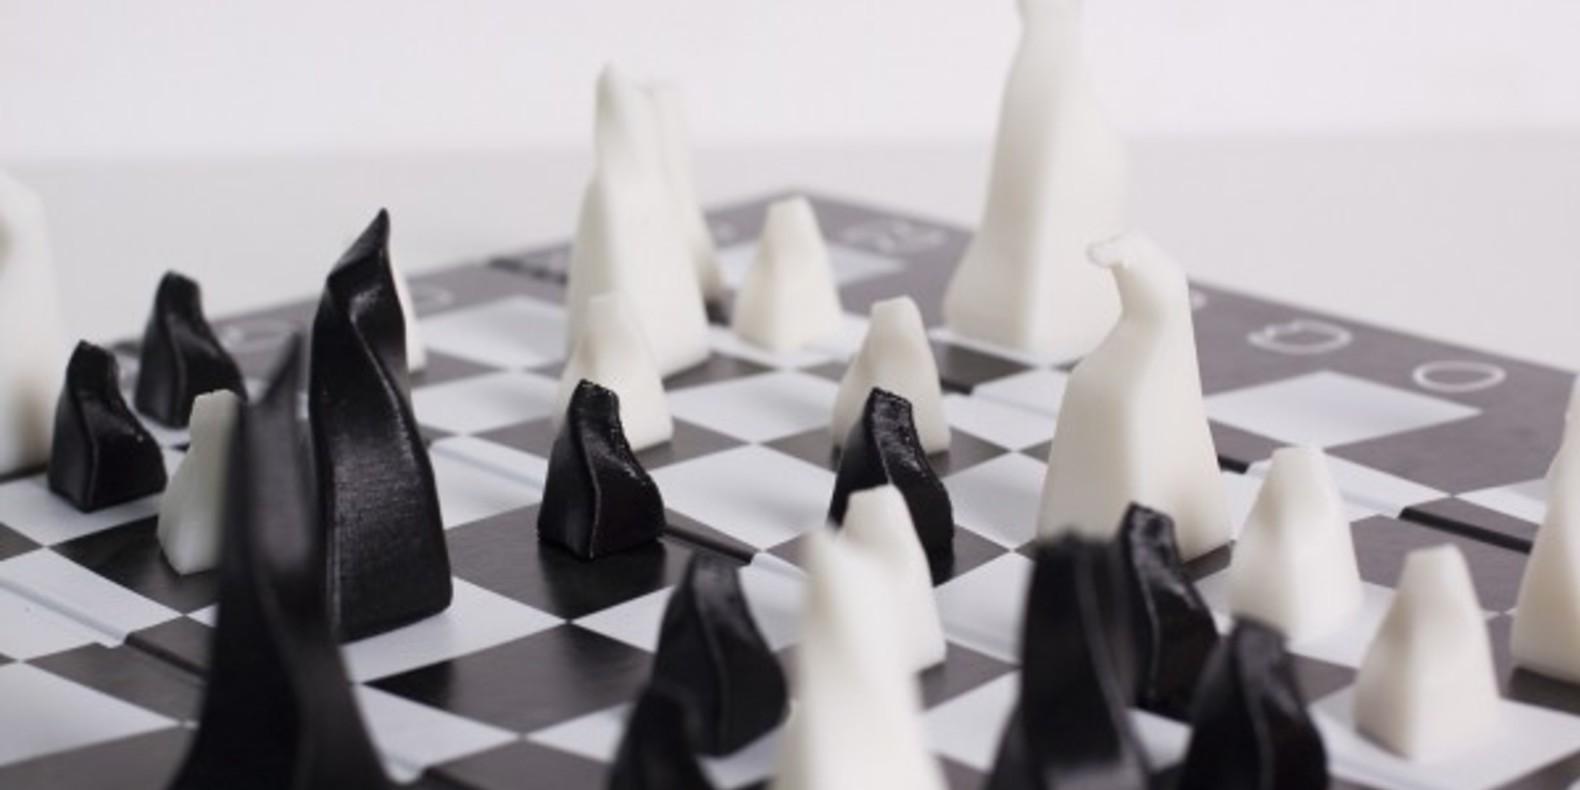 Un jeu d'échecs à imprimer en 3D